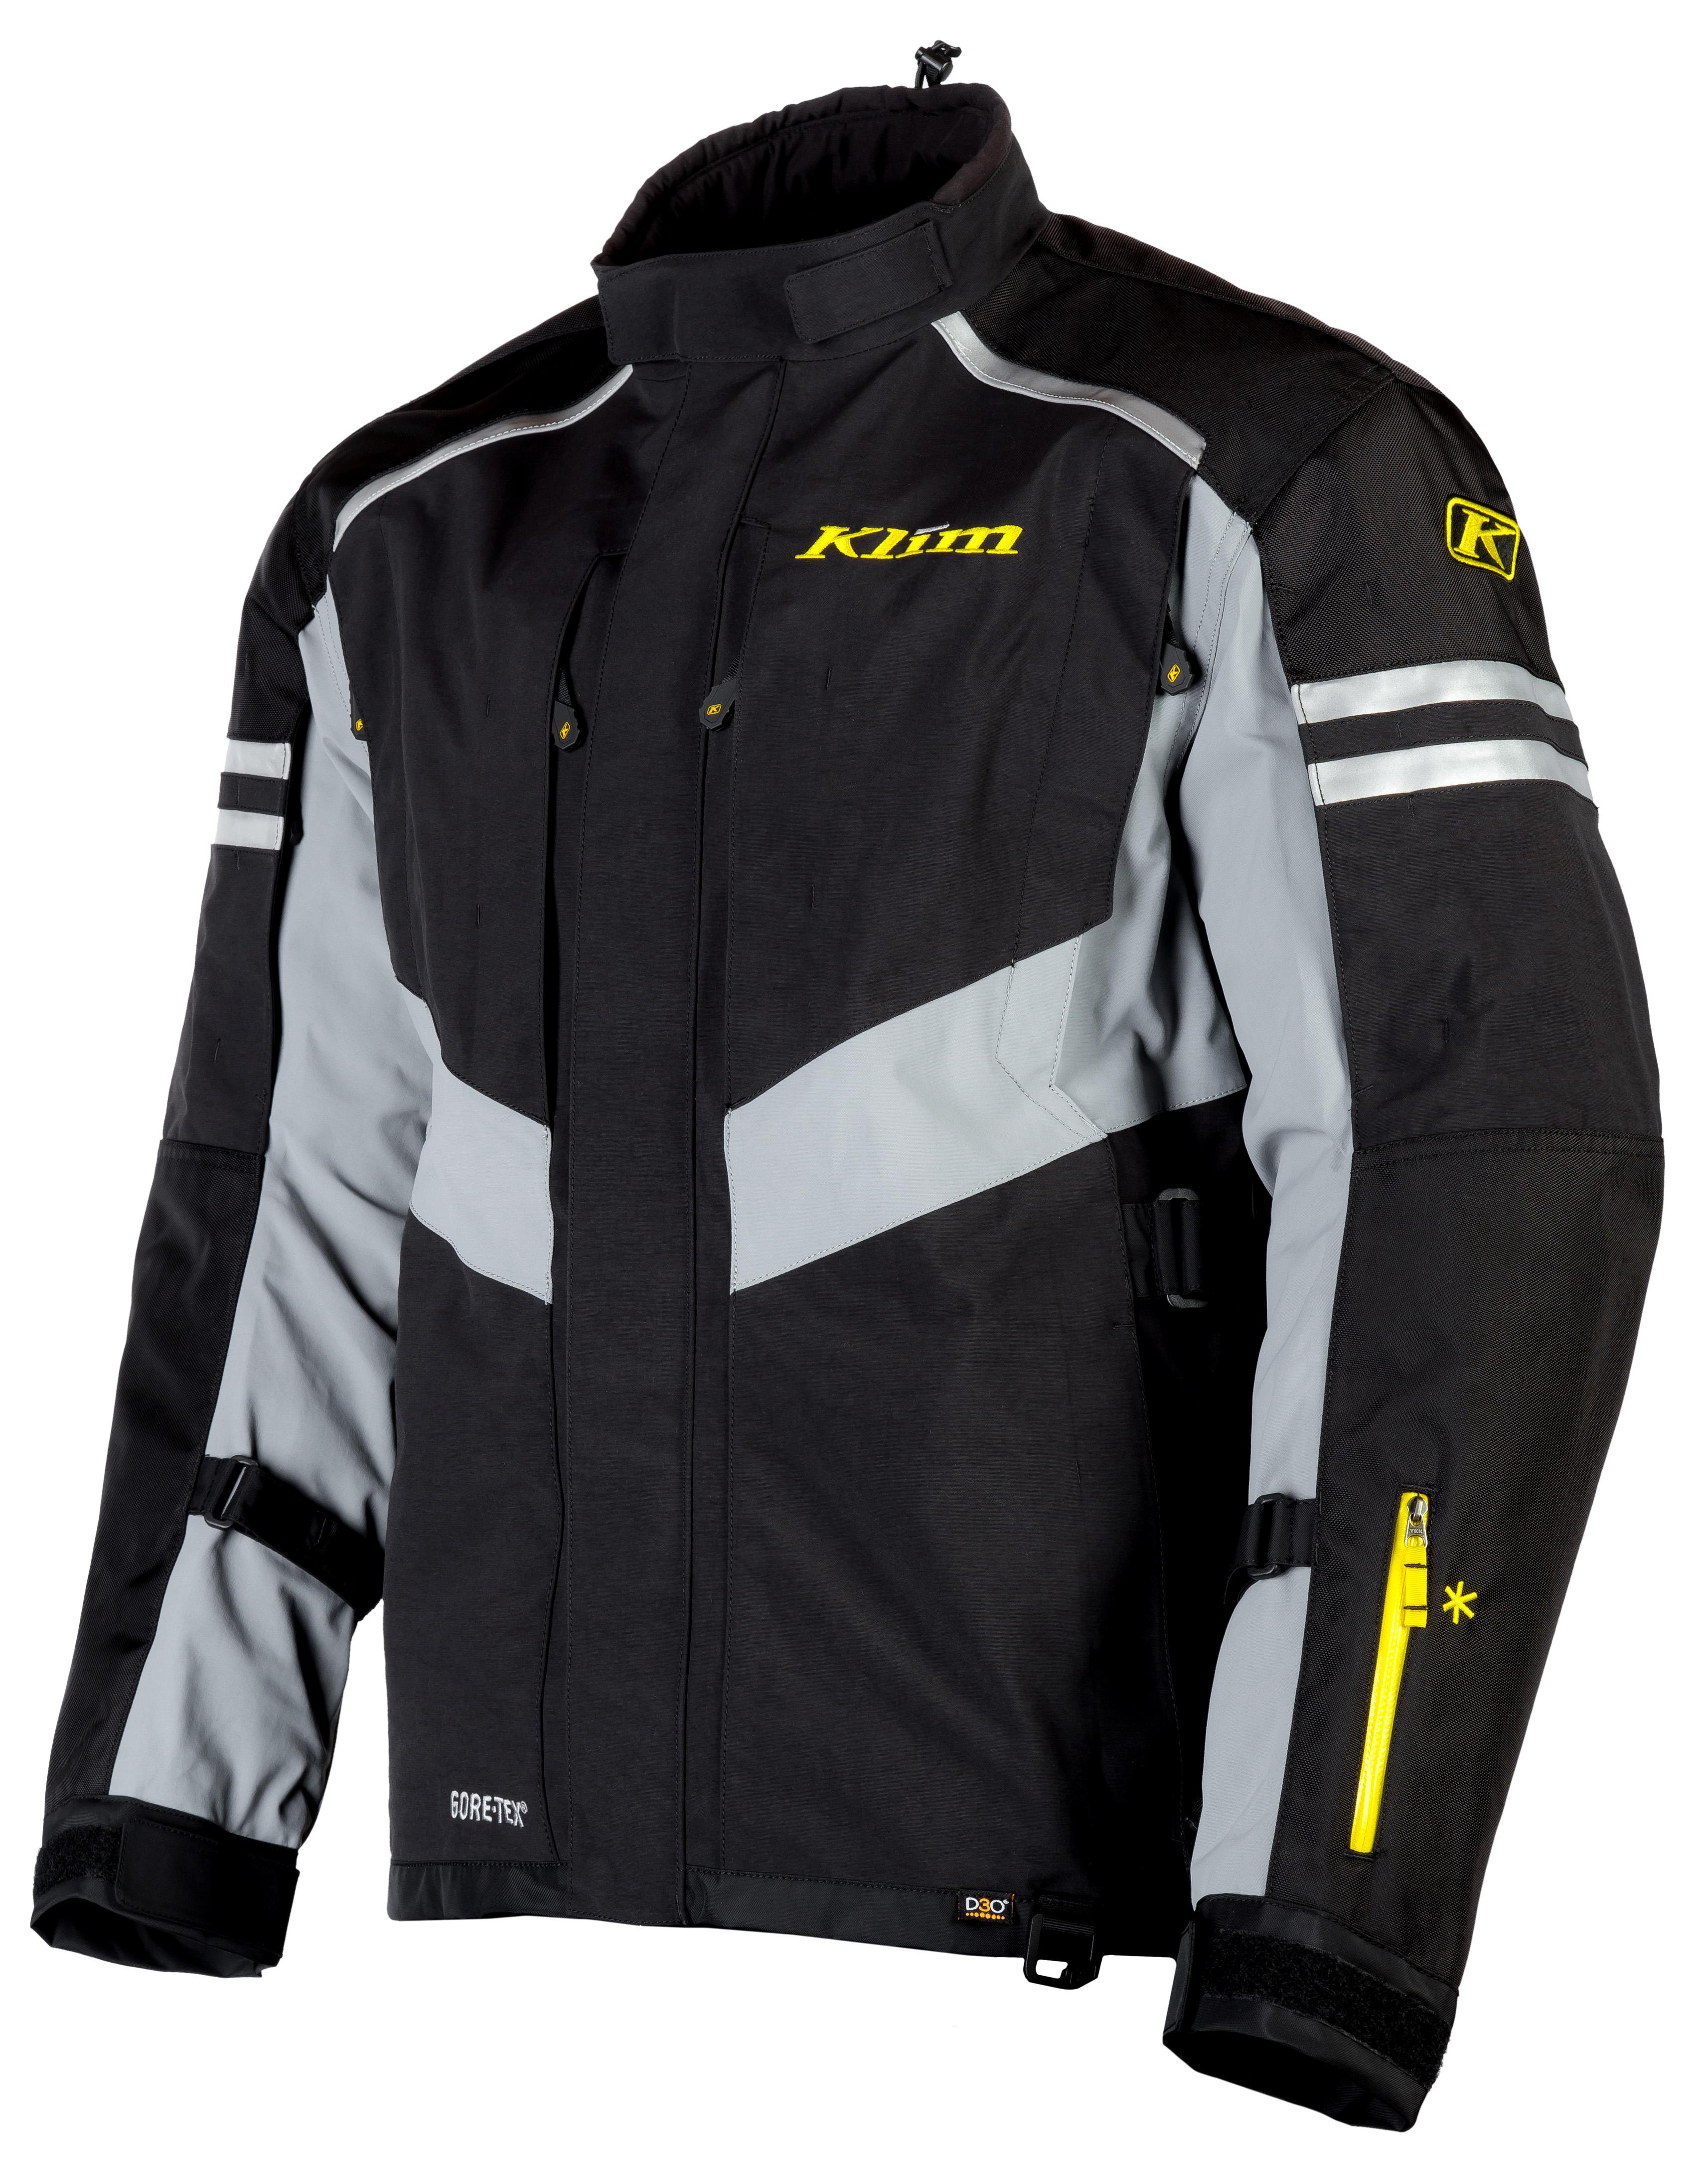 Latitude Jacket 5146-002-000